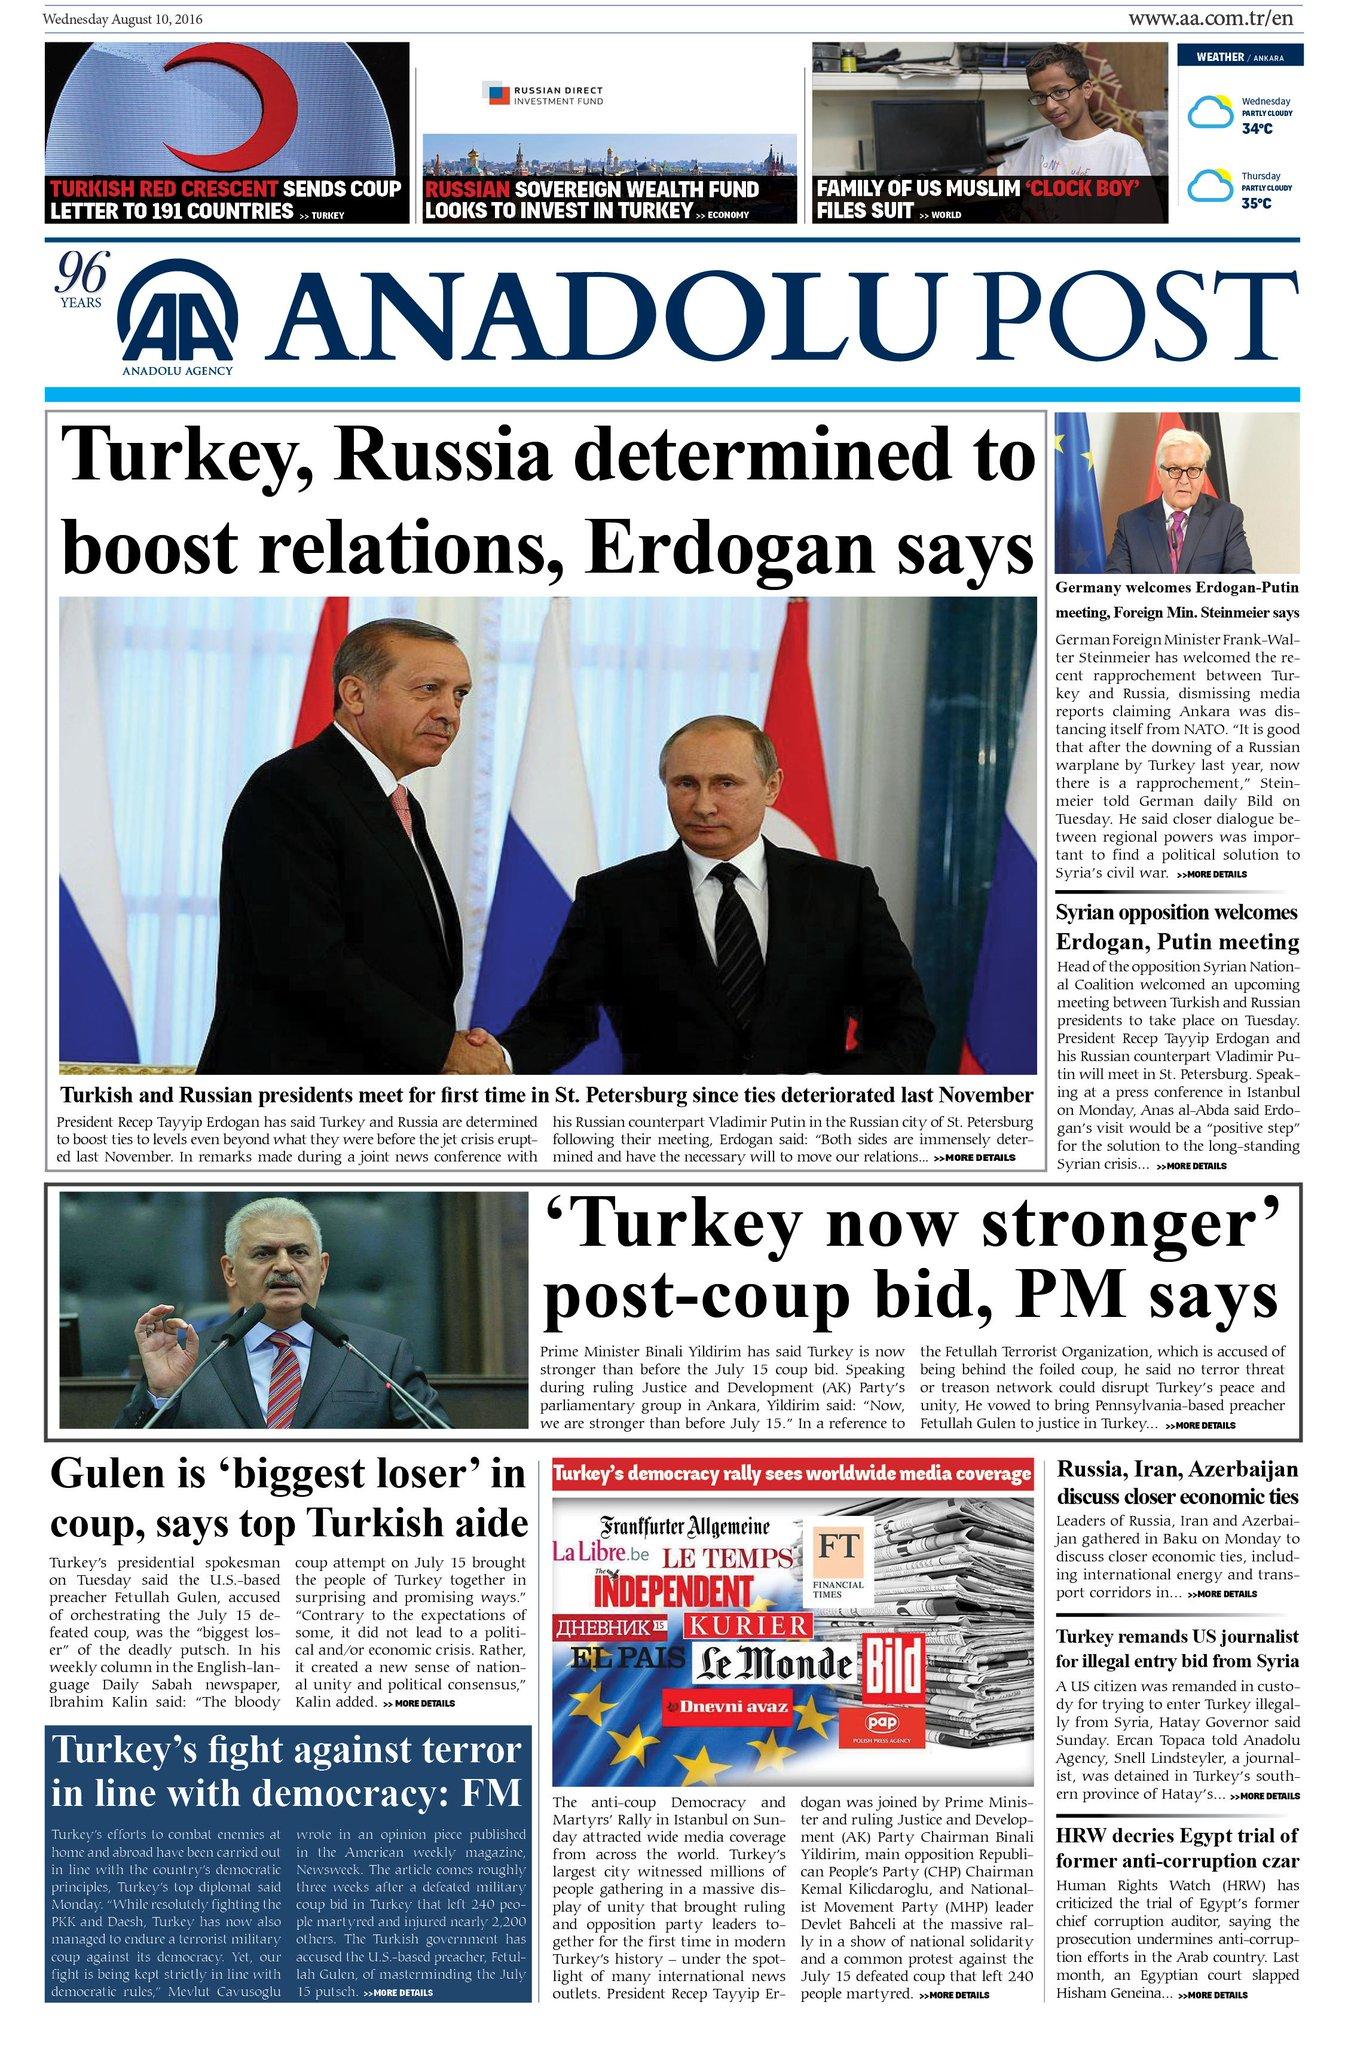 TURQUIE : Economie, politique, diplomatie... - Page 37 CpbrqpBWYAA0LAf